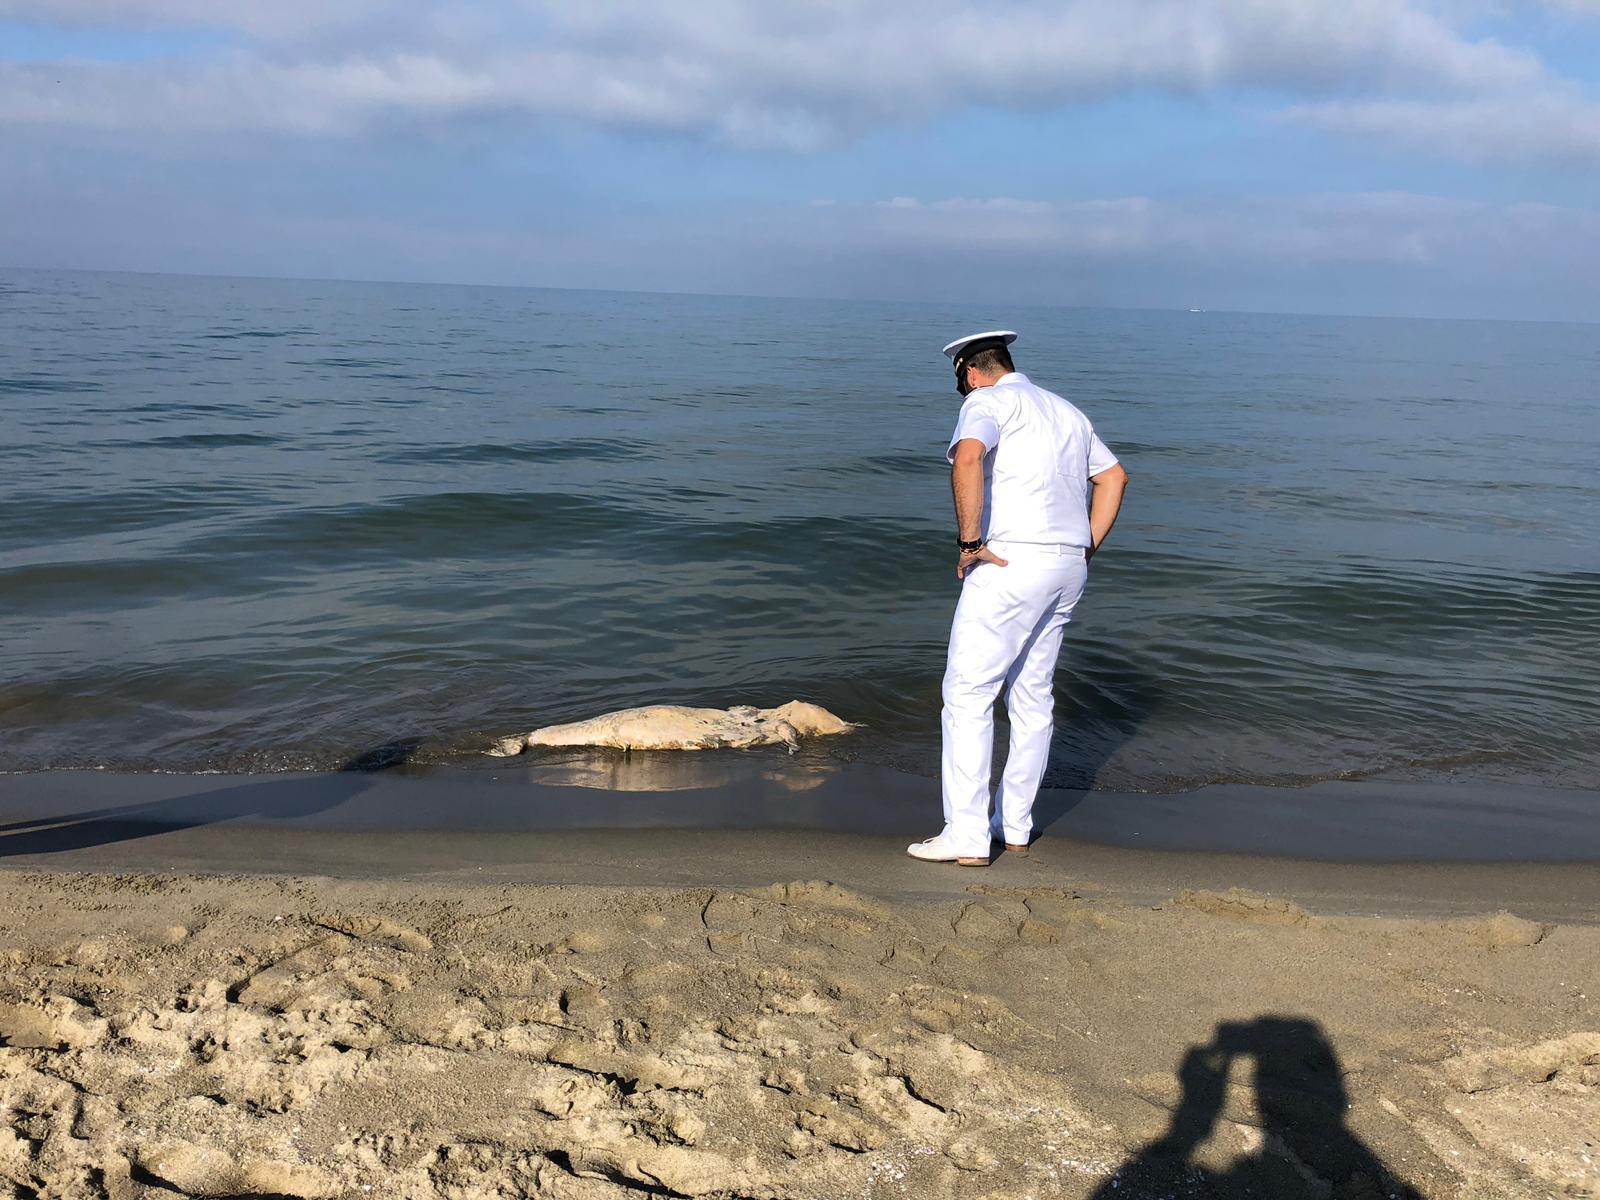 Delfino morto alla Lecciona, era in avanzatisssimo stato di decomposizione